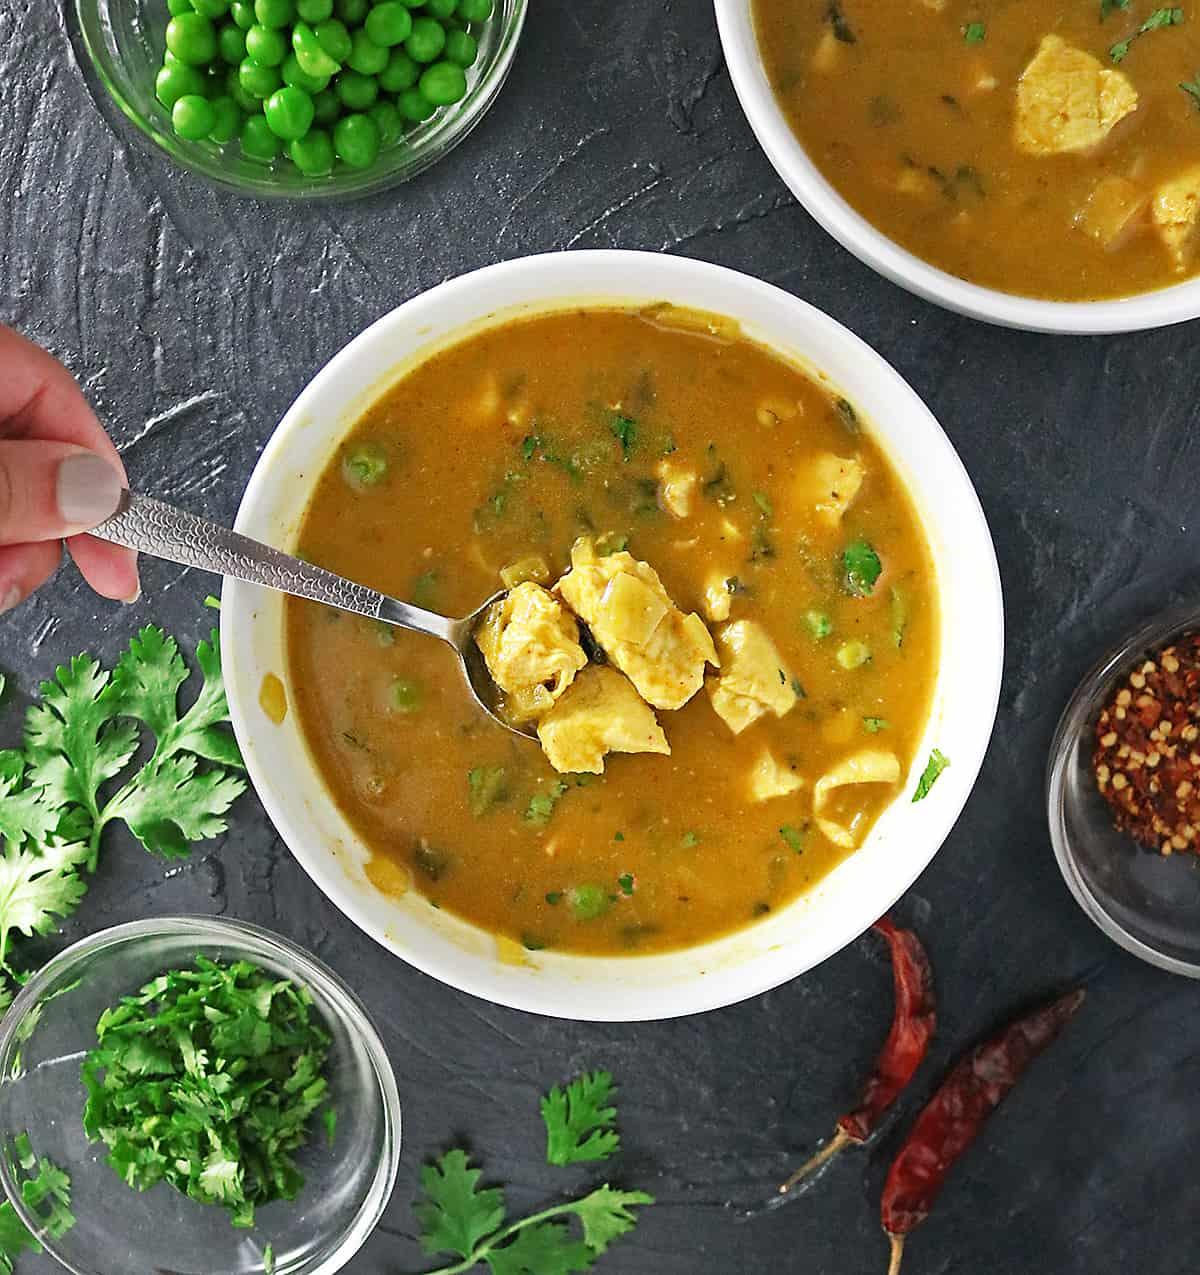 Slurping Ginger Pumpkin Soup Image